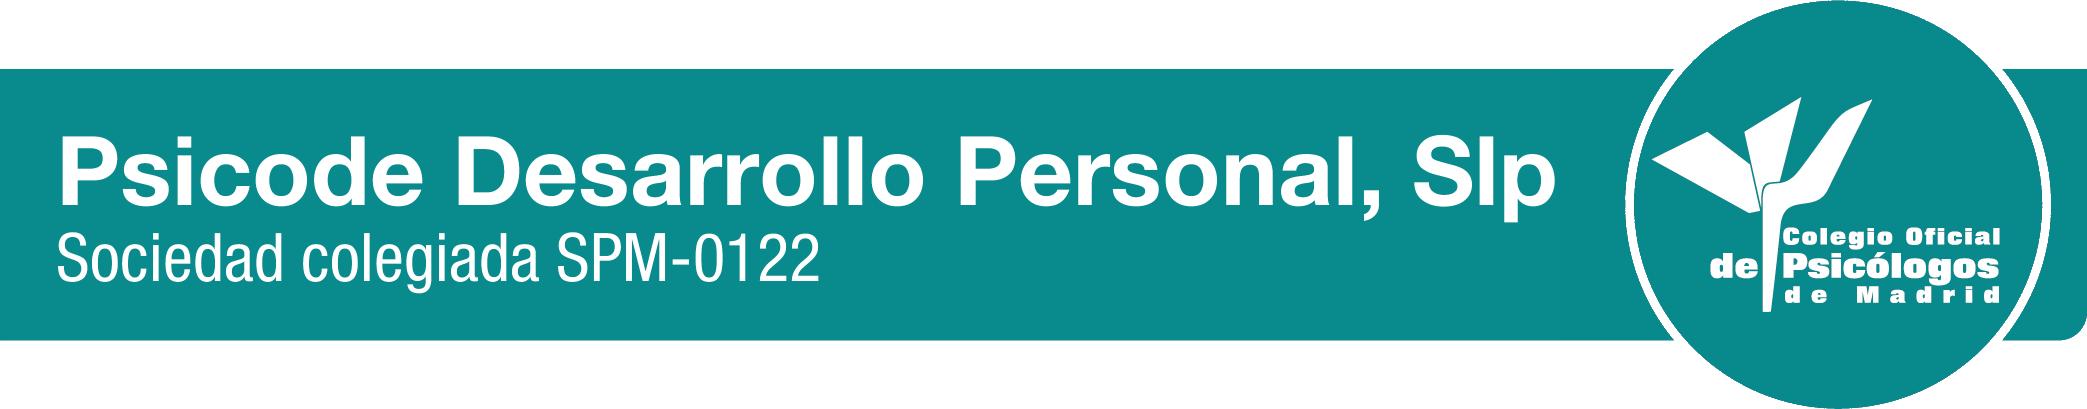 Psicode Desarrollo Personal SLP